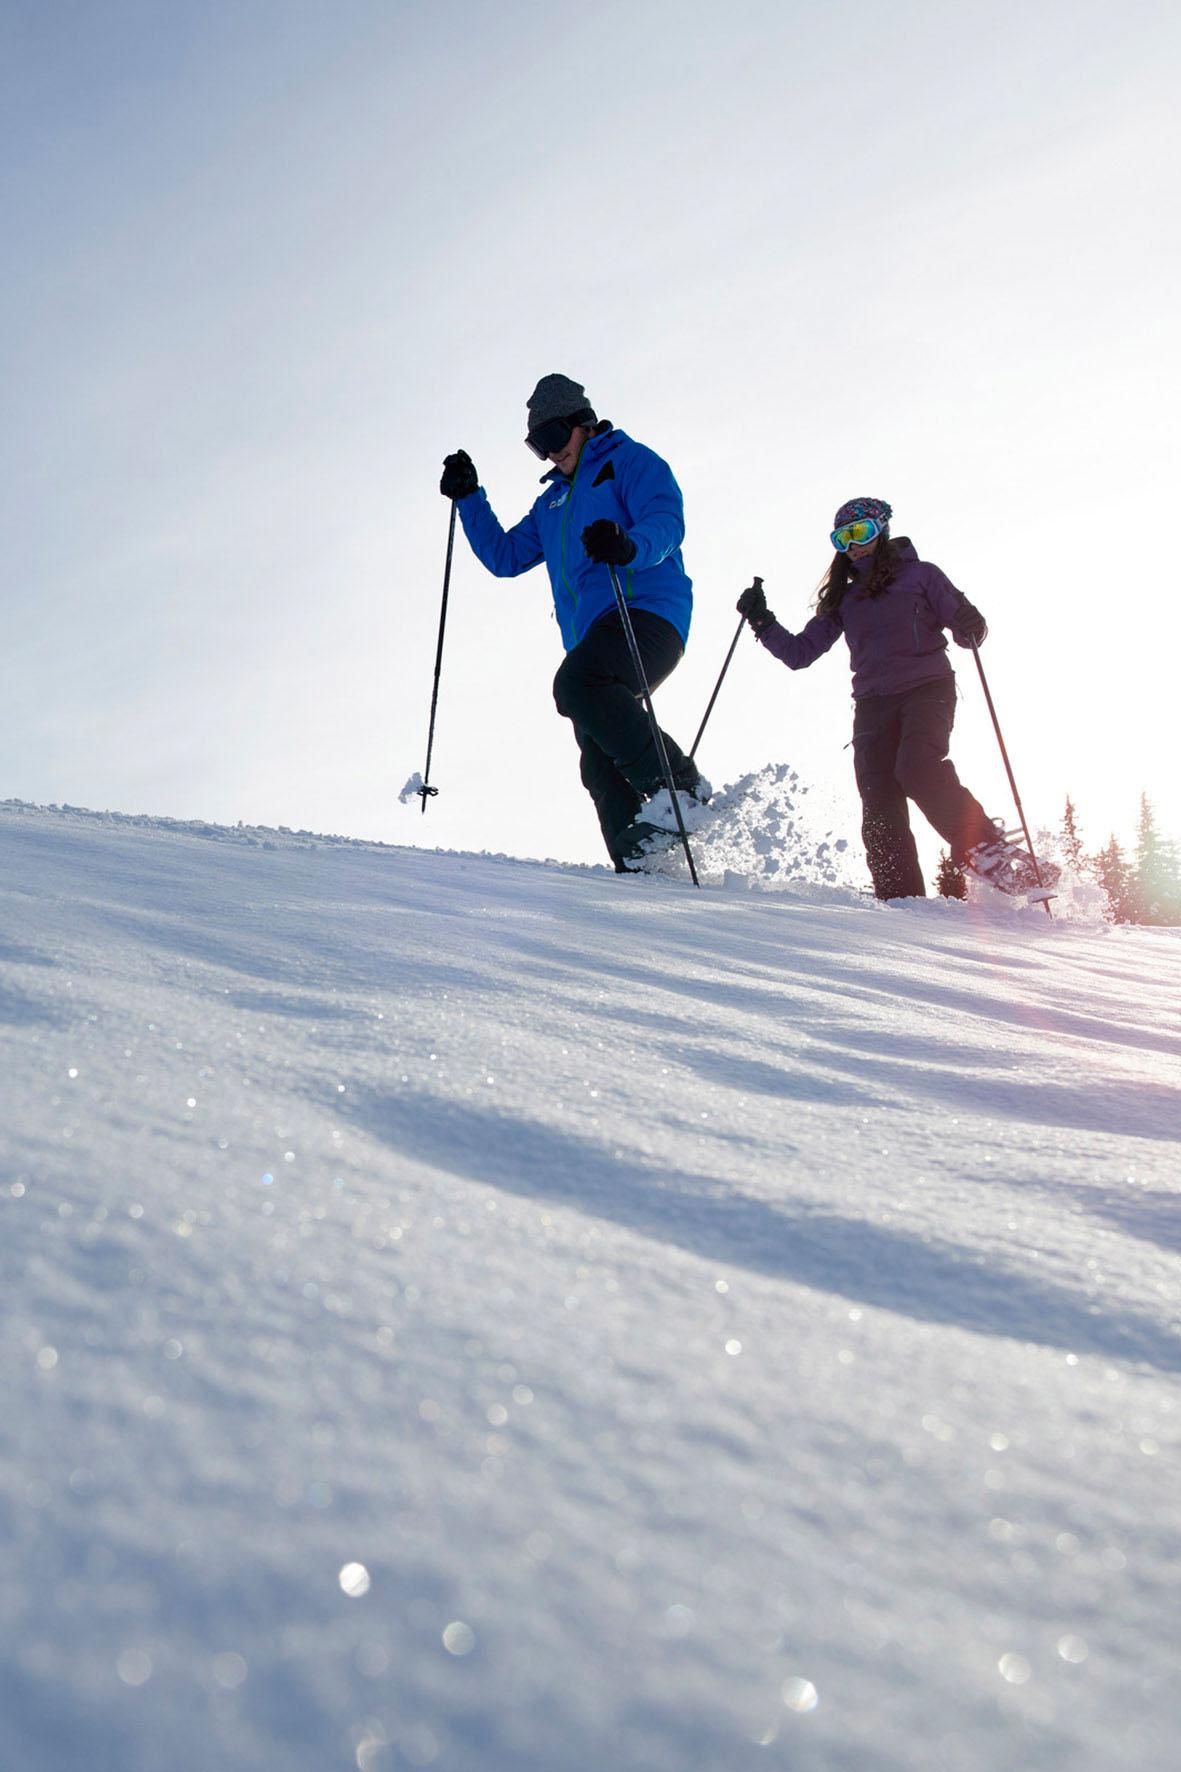 Schnee schluckt den Lärm des Alltags und hilft beim Ruhigwerden - Alpine Winterorte